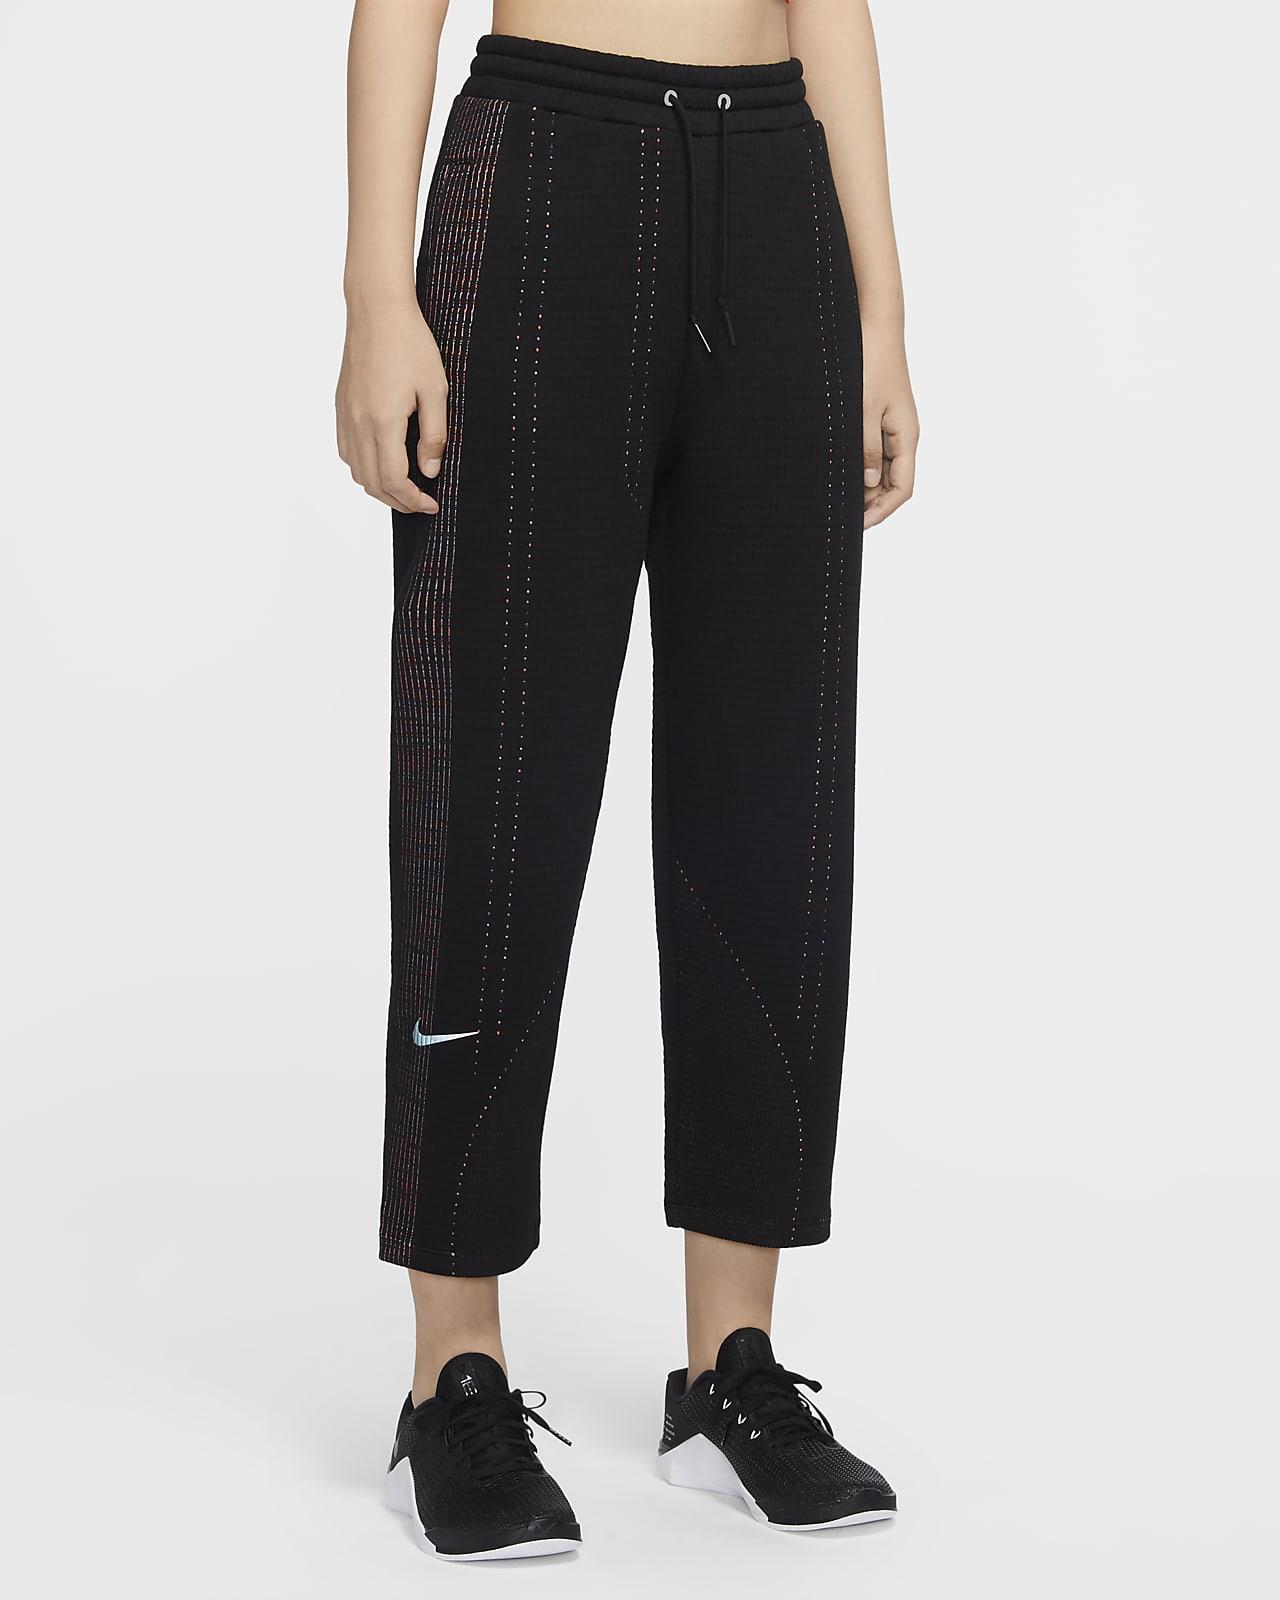 Calças de lã cardada de treino Nike City Ready para mulher